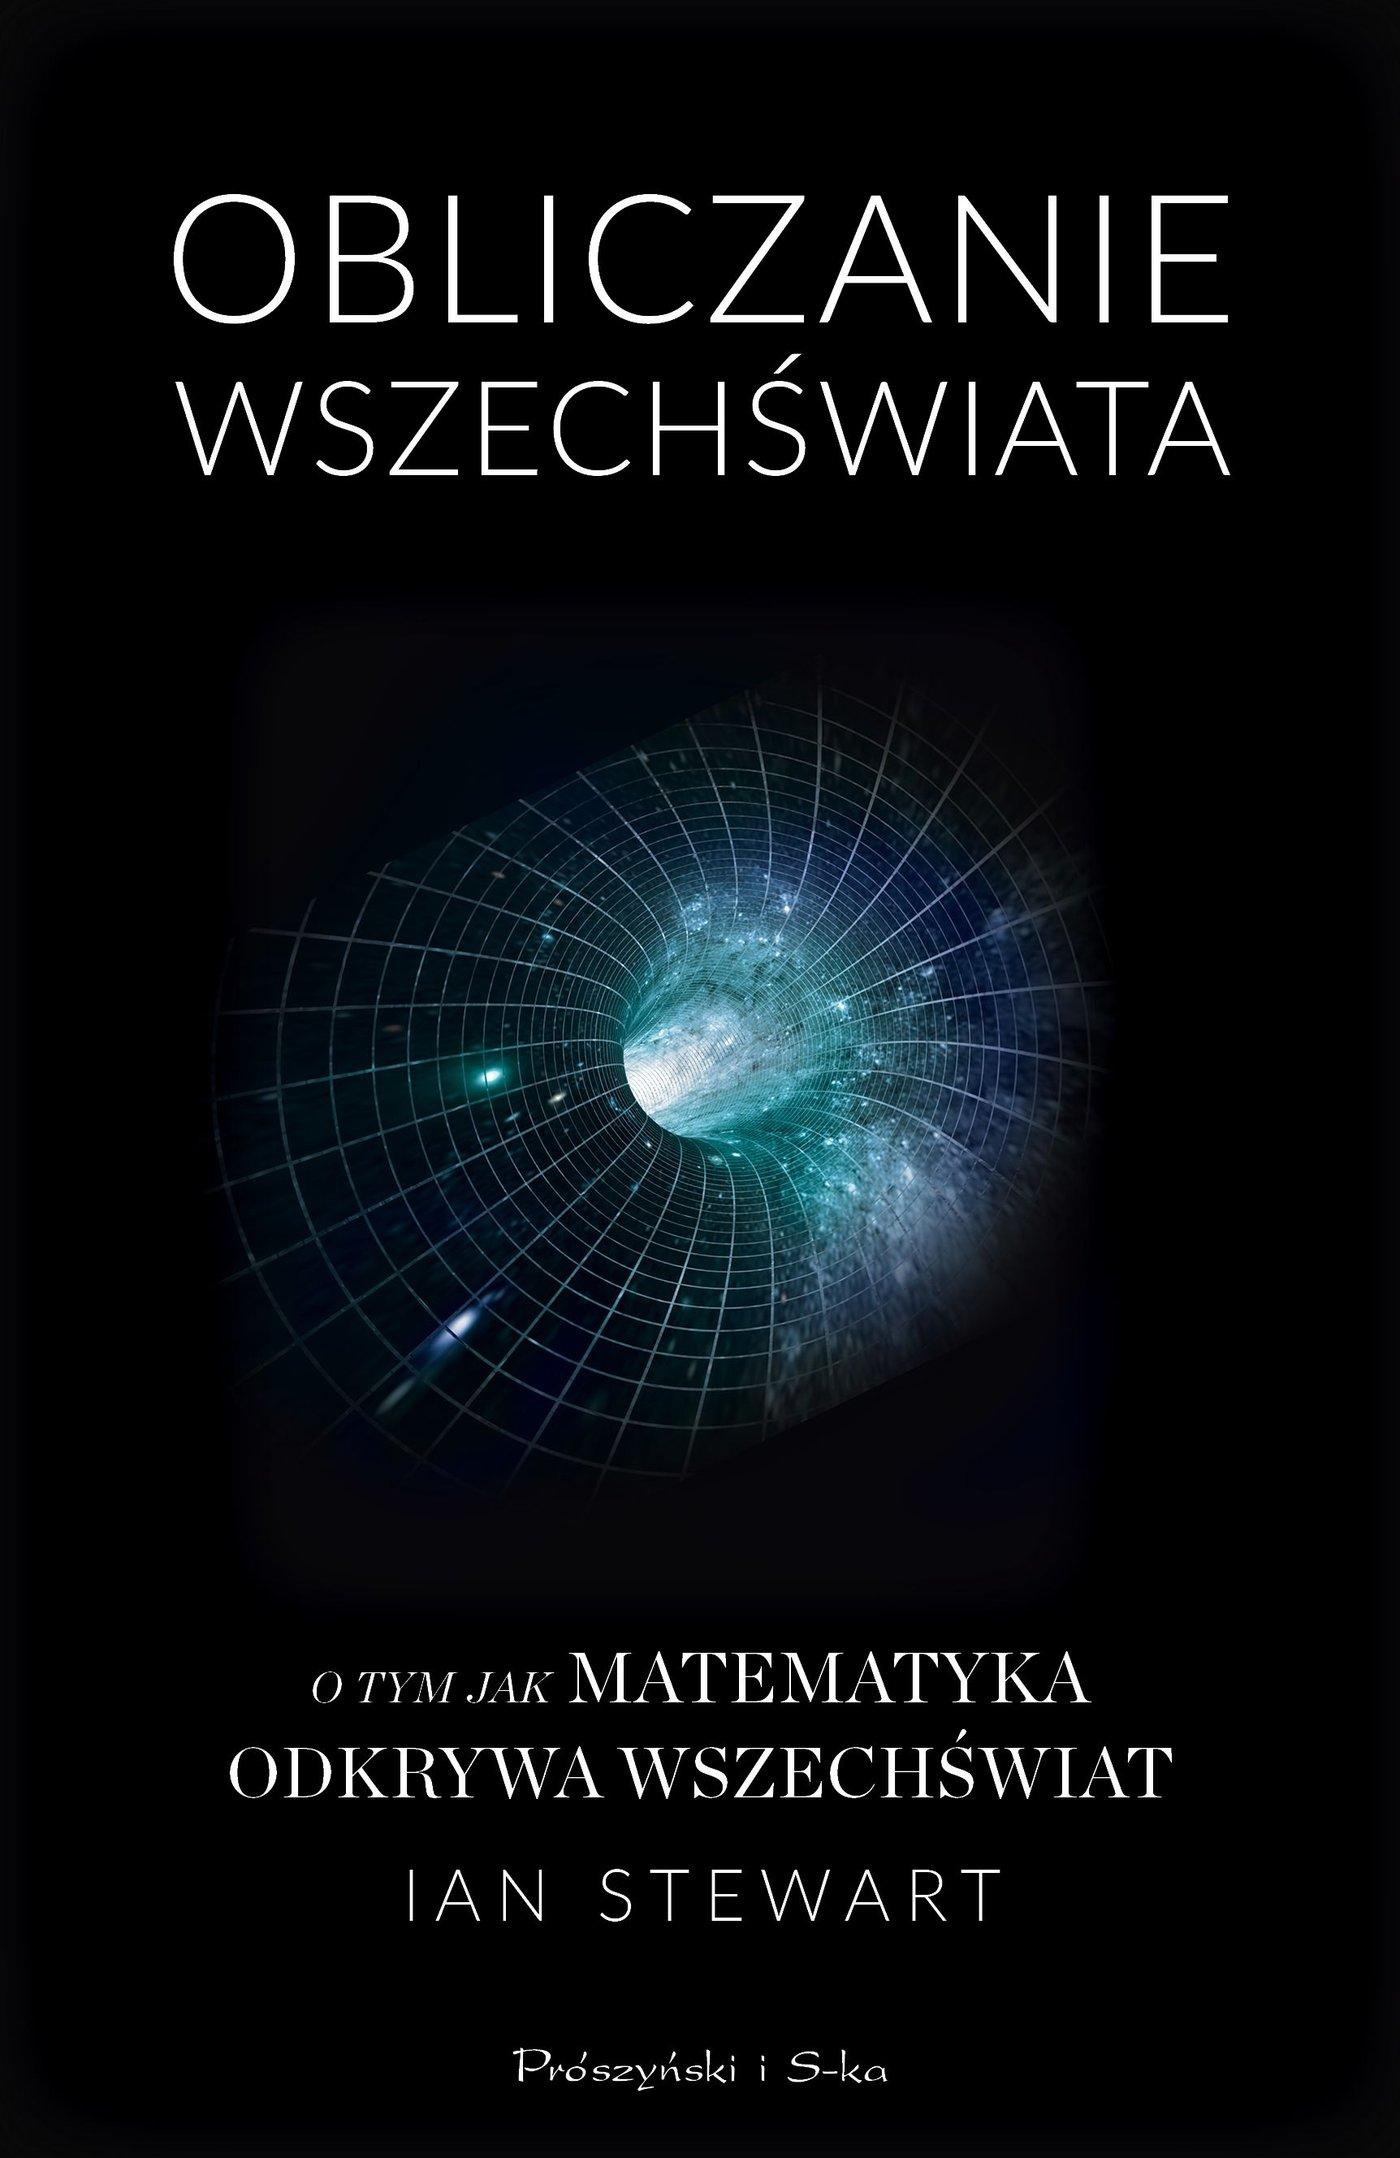 Obliczanie Wszechświata - Ebook (Książka na Kindle) do pobrania w formacie MOBI